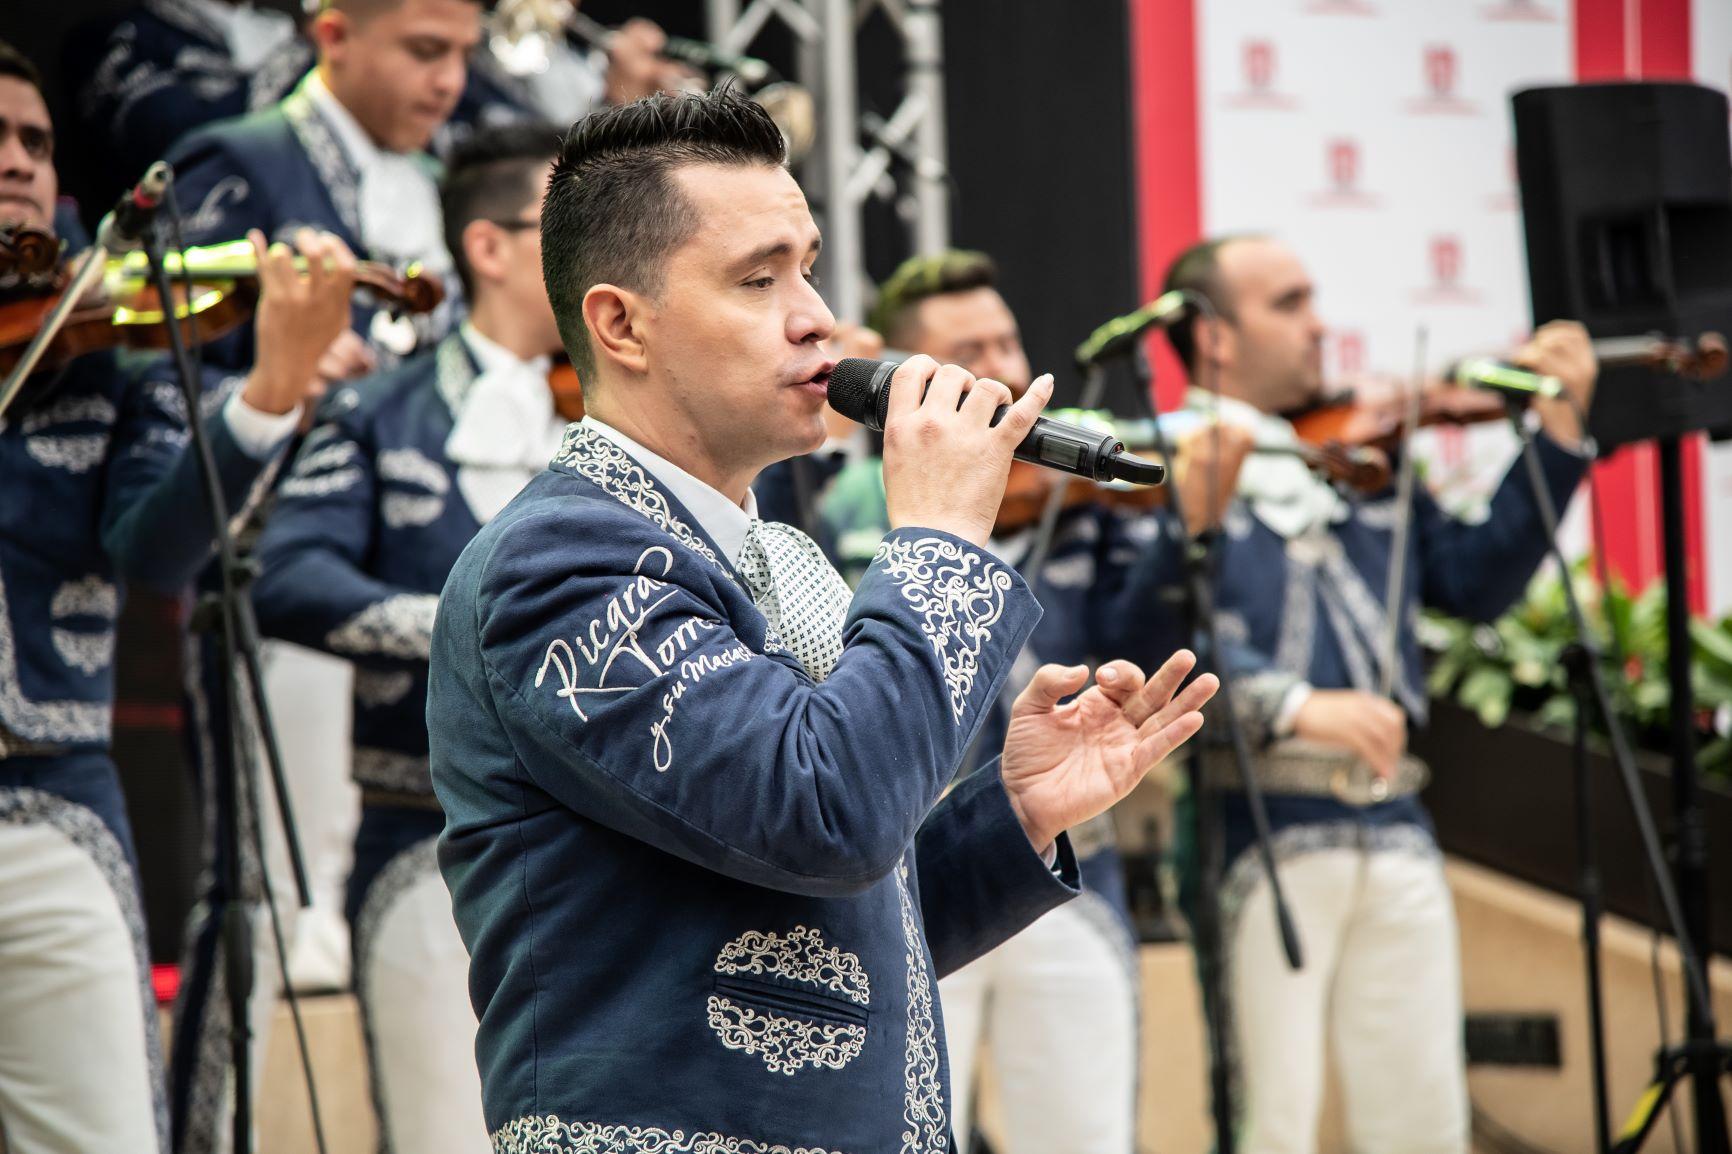 Los problemas legales que tuvo Ricardo Torres para ponerle nombre a su grupo de mariachis